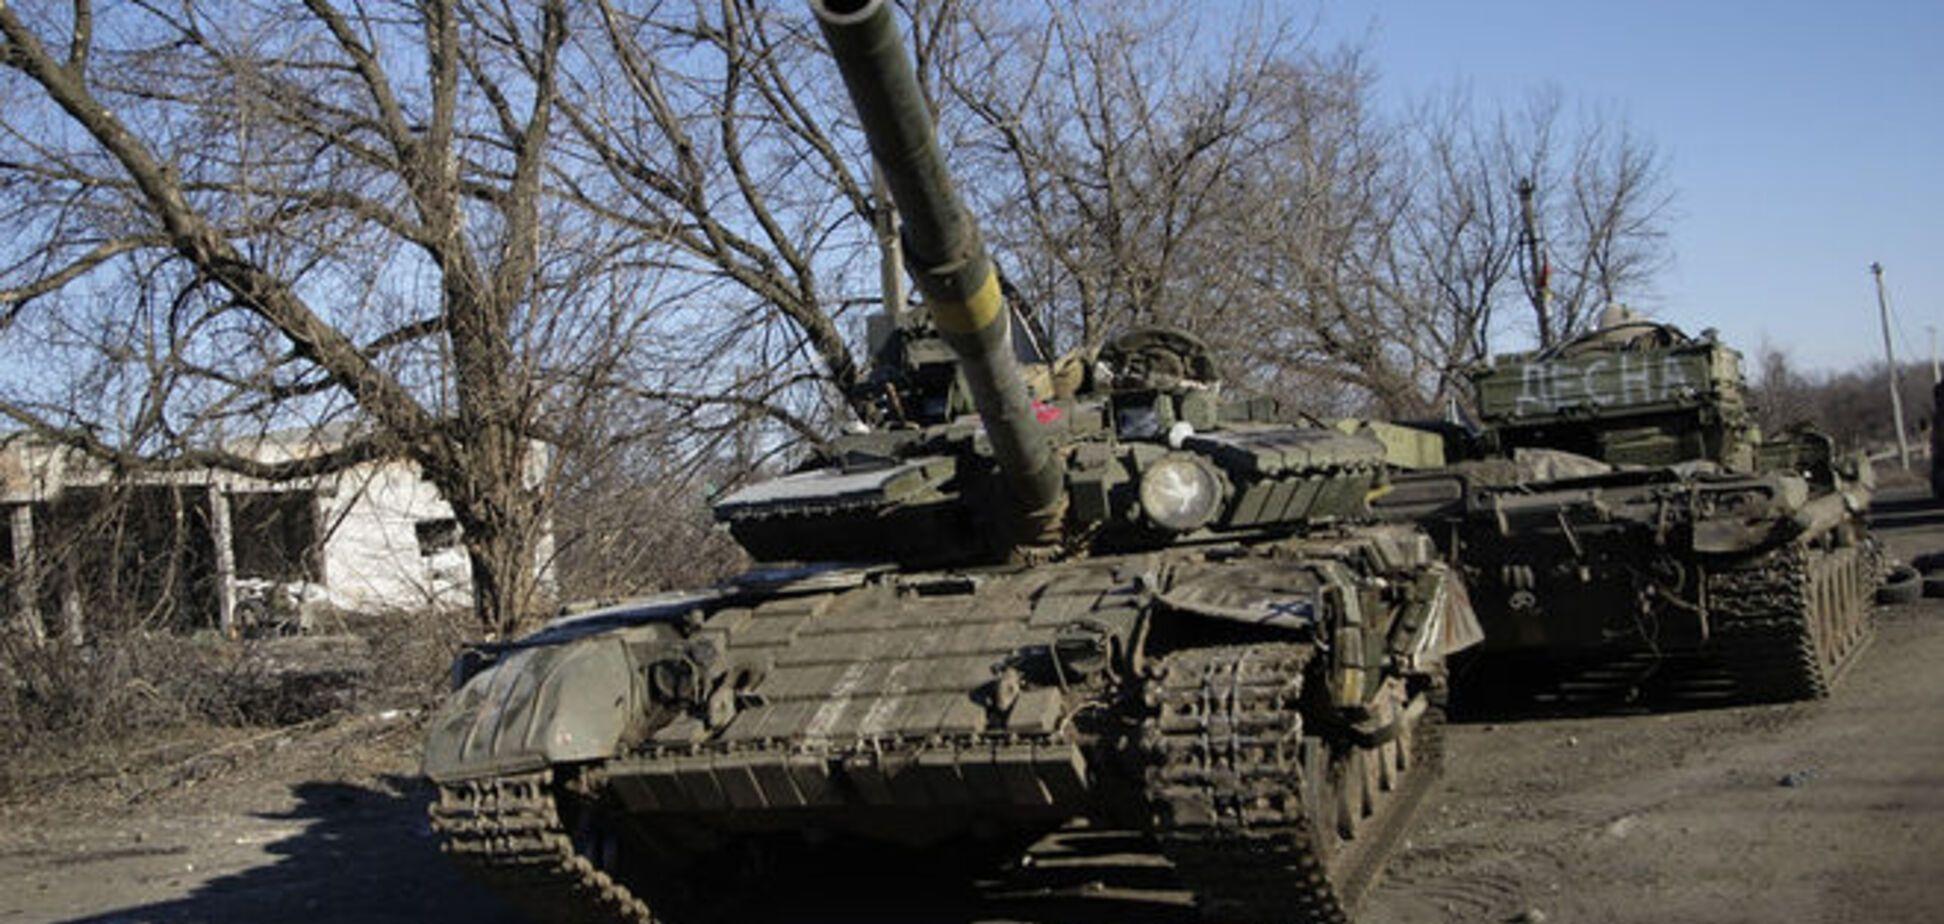 Террористы продолжают наращивать свои силы и средства на Донбассе - Тымчук